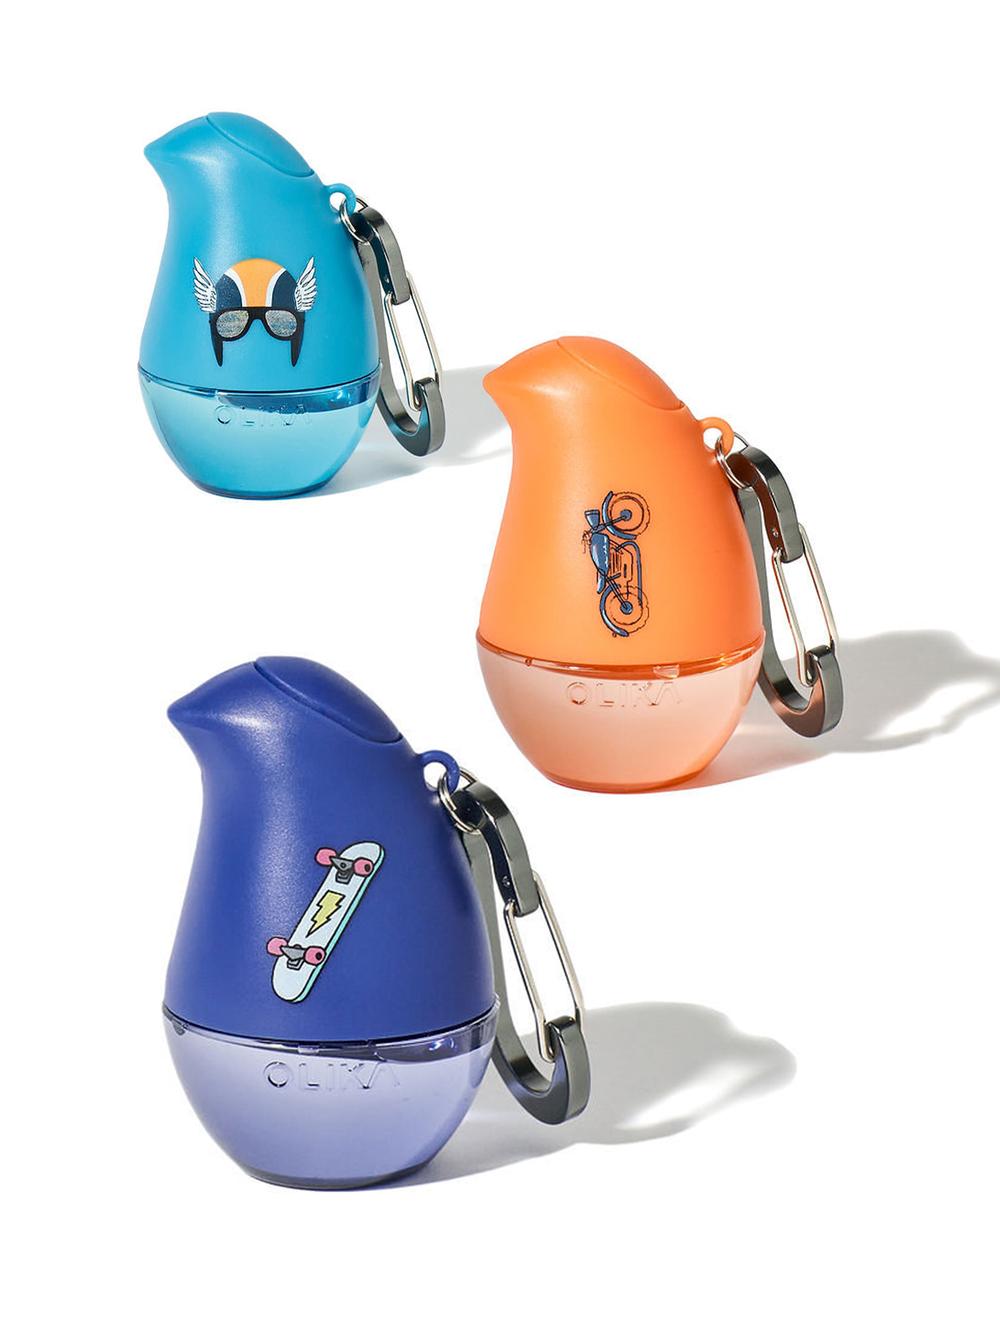 Tea x OLIKA Hydrating Hand Sanitizer Set